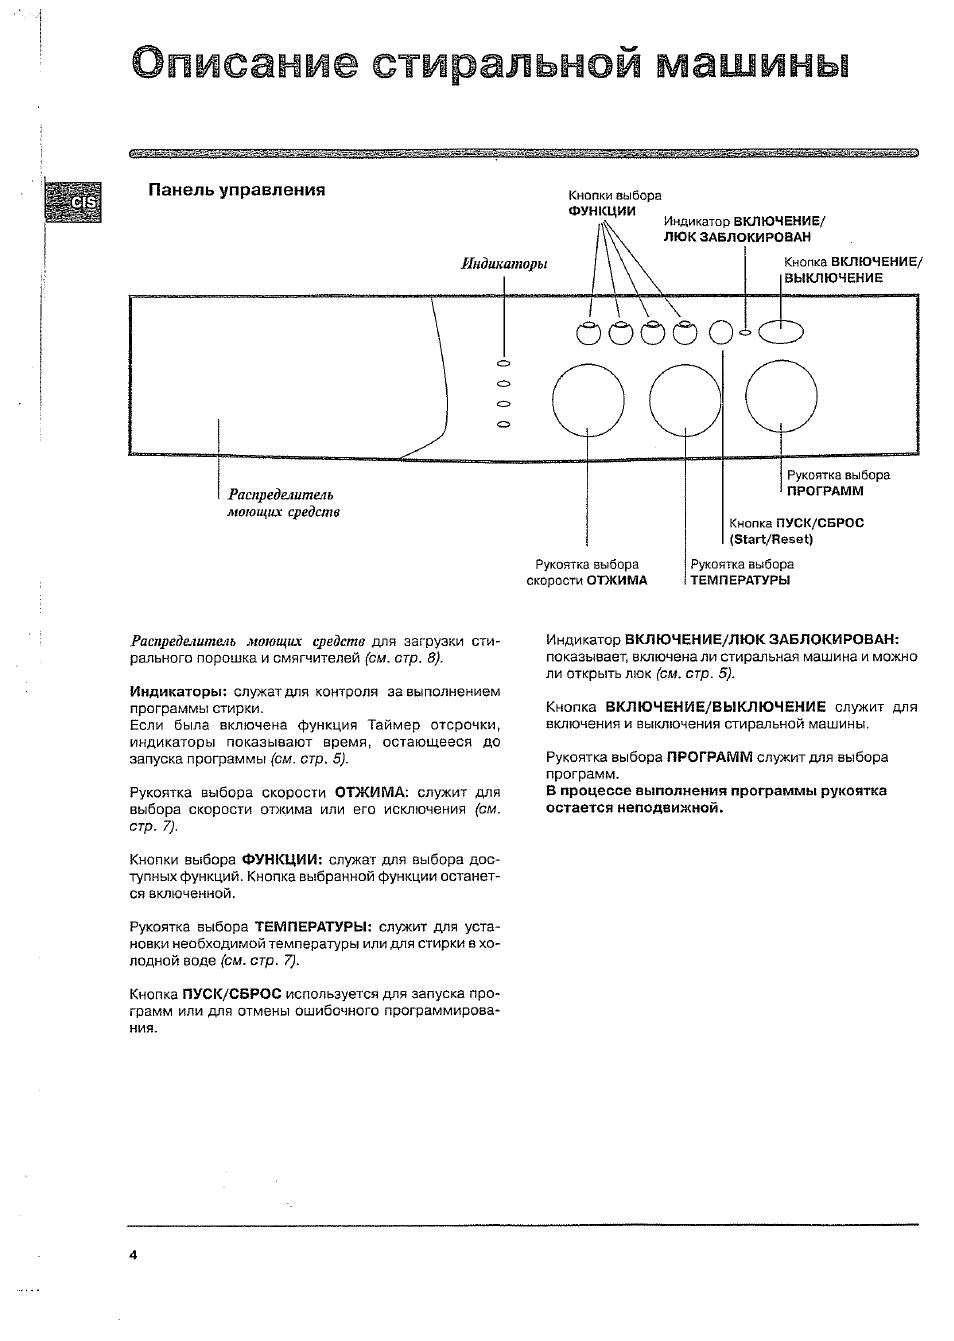 инструкция на стиральную машину индезит wisl 83